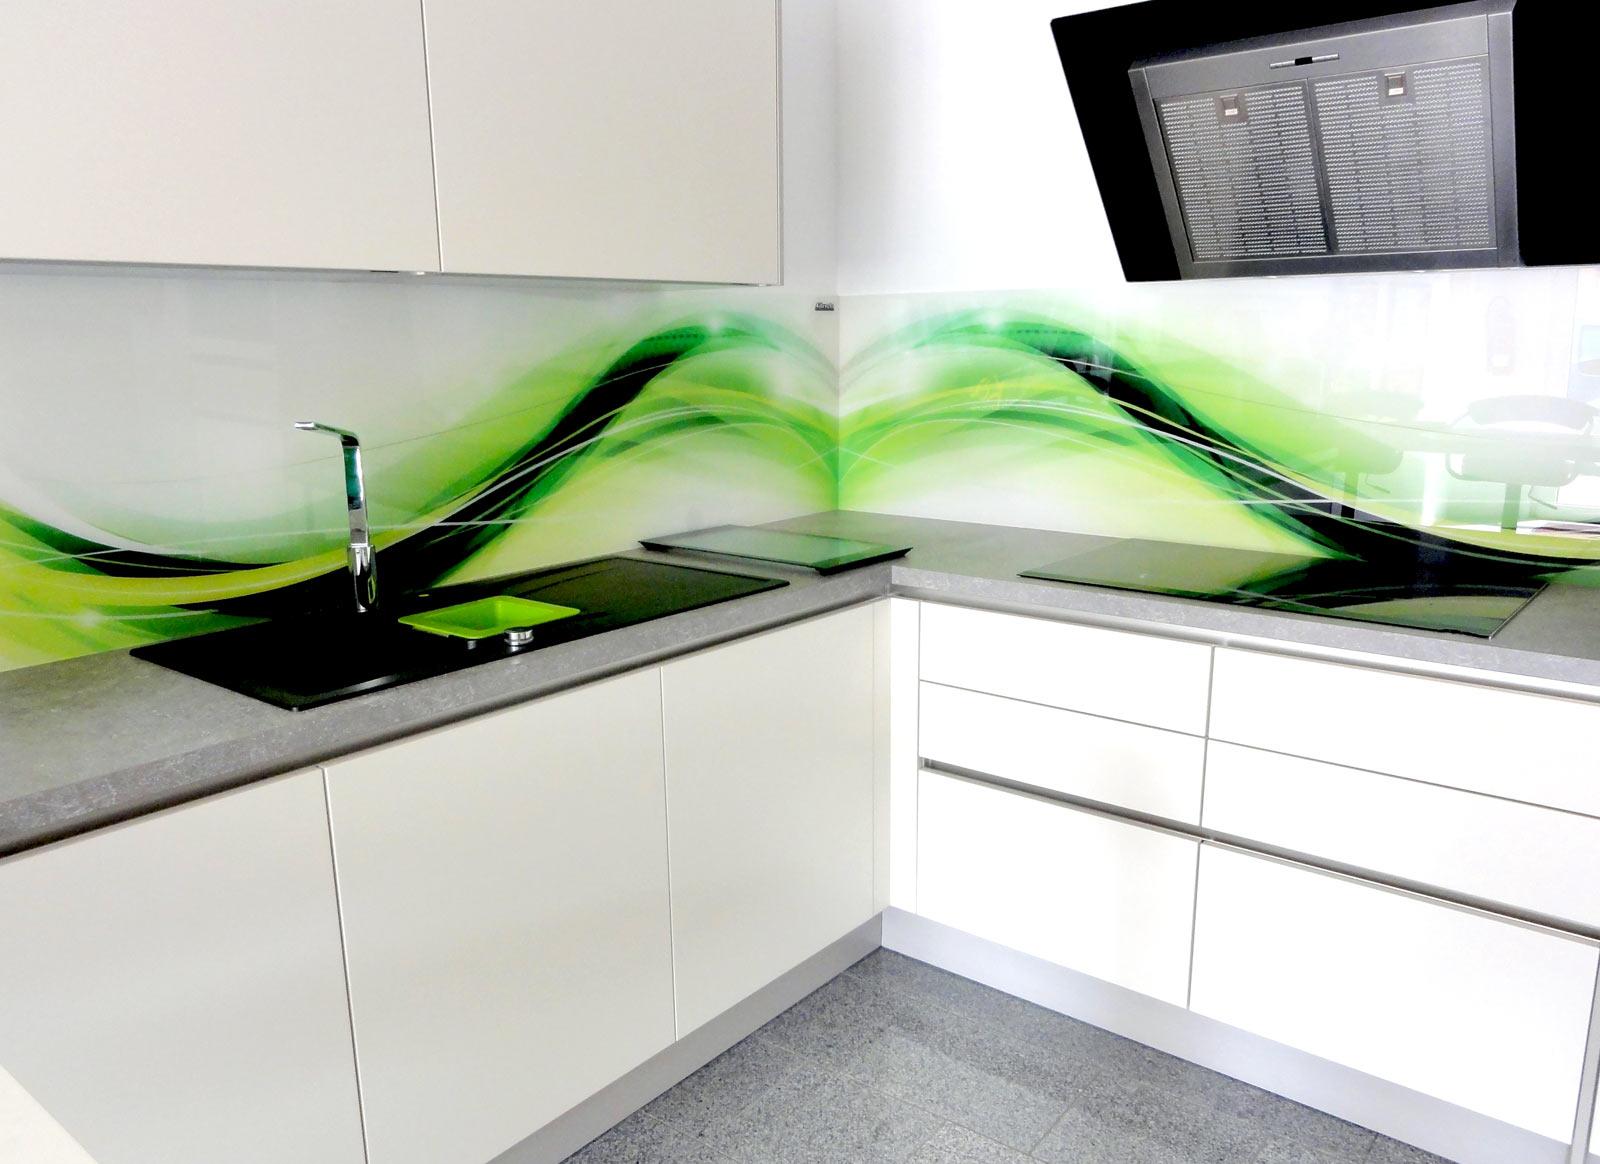 PlusPanel.de - Küchenrückwände, Wandverkleidungen aus Acrylglas